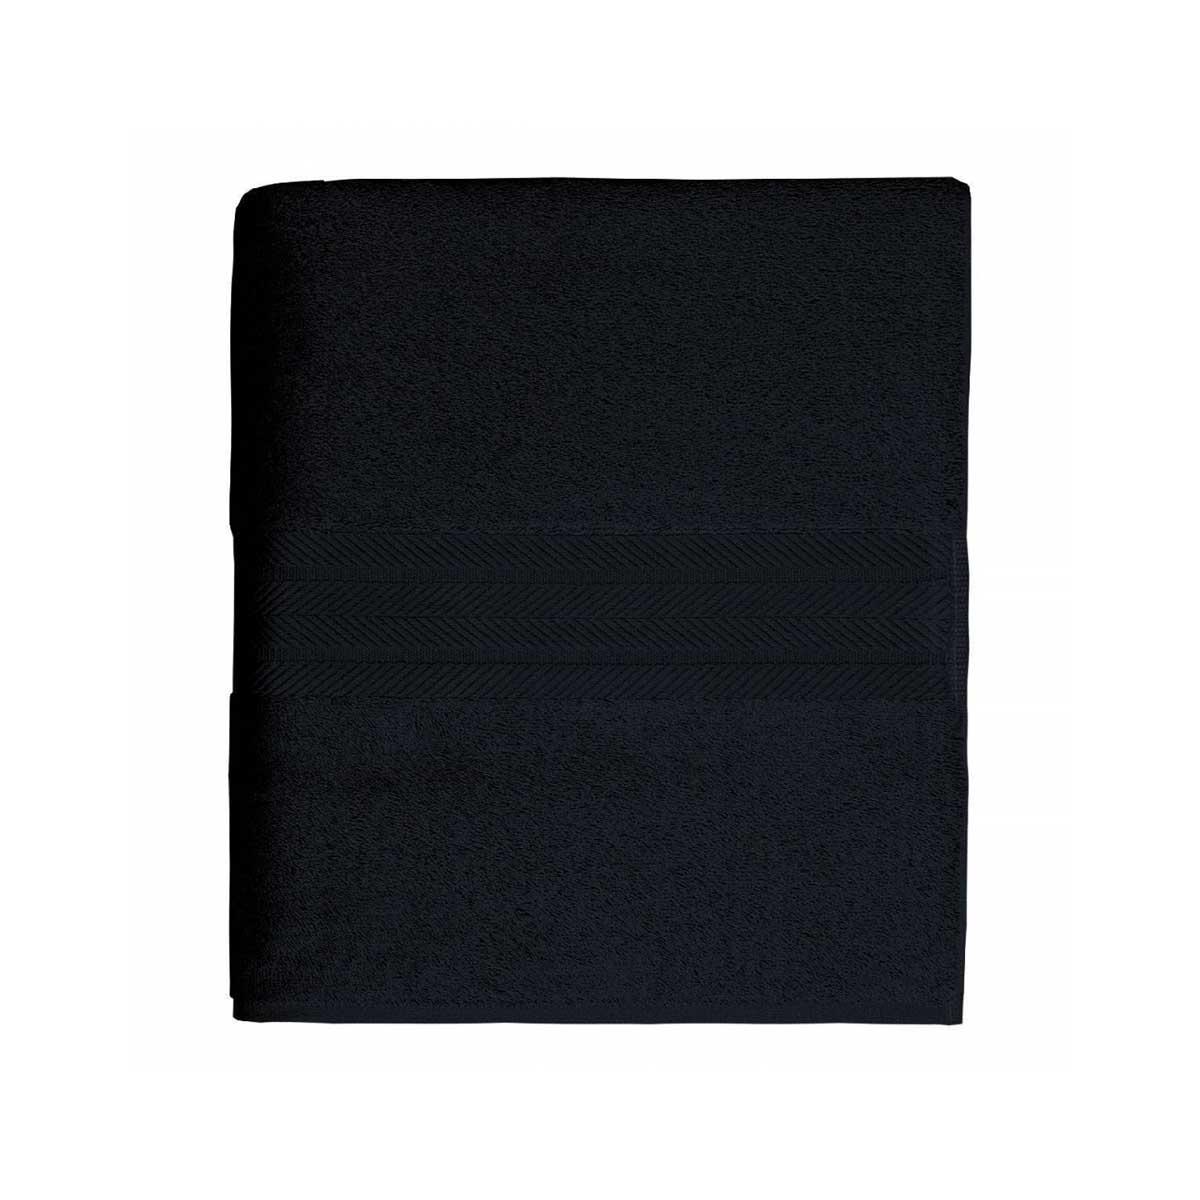 Linge de bain en coton moelleux 550gr/m² - Noir - 70 x 140 cm